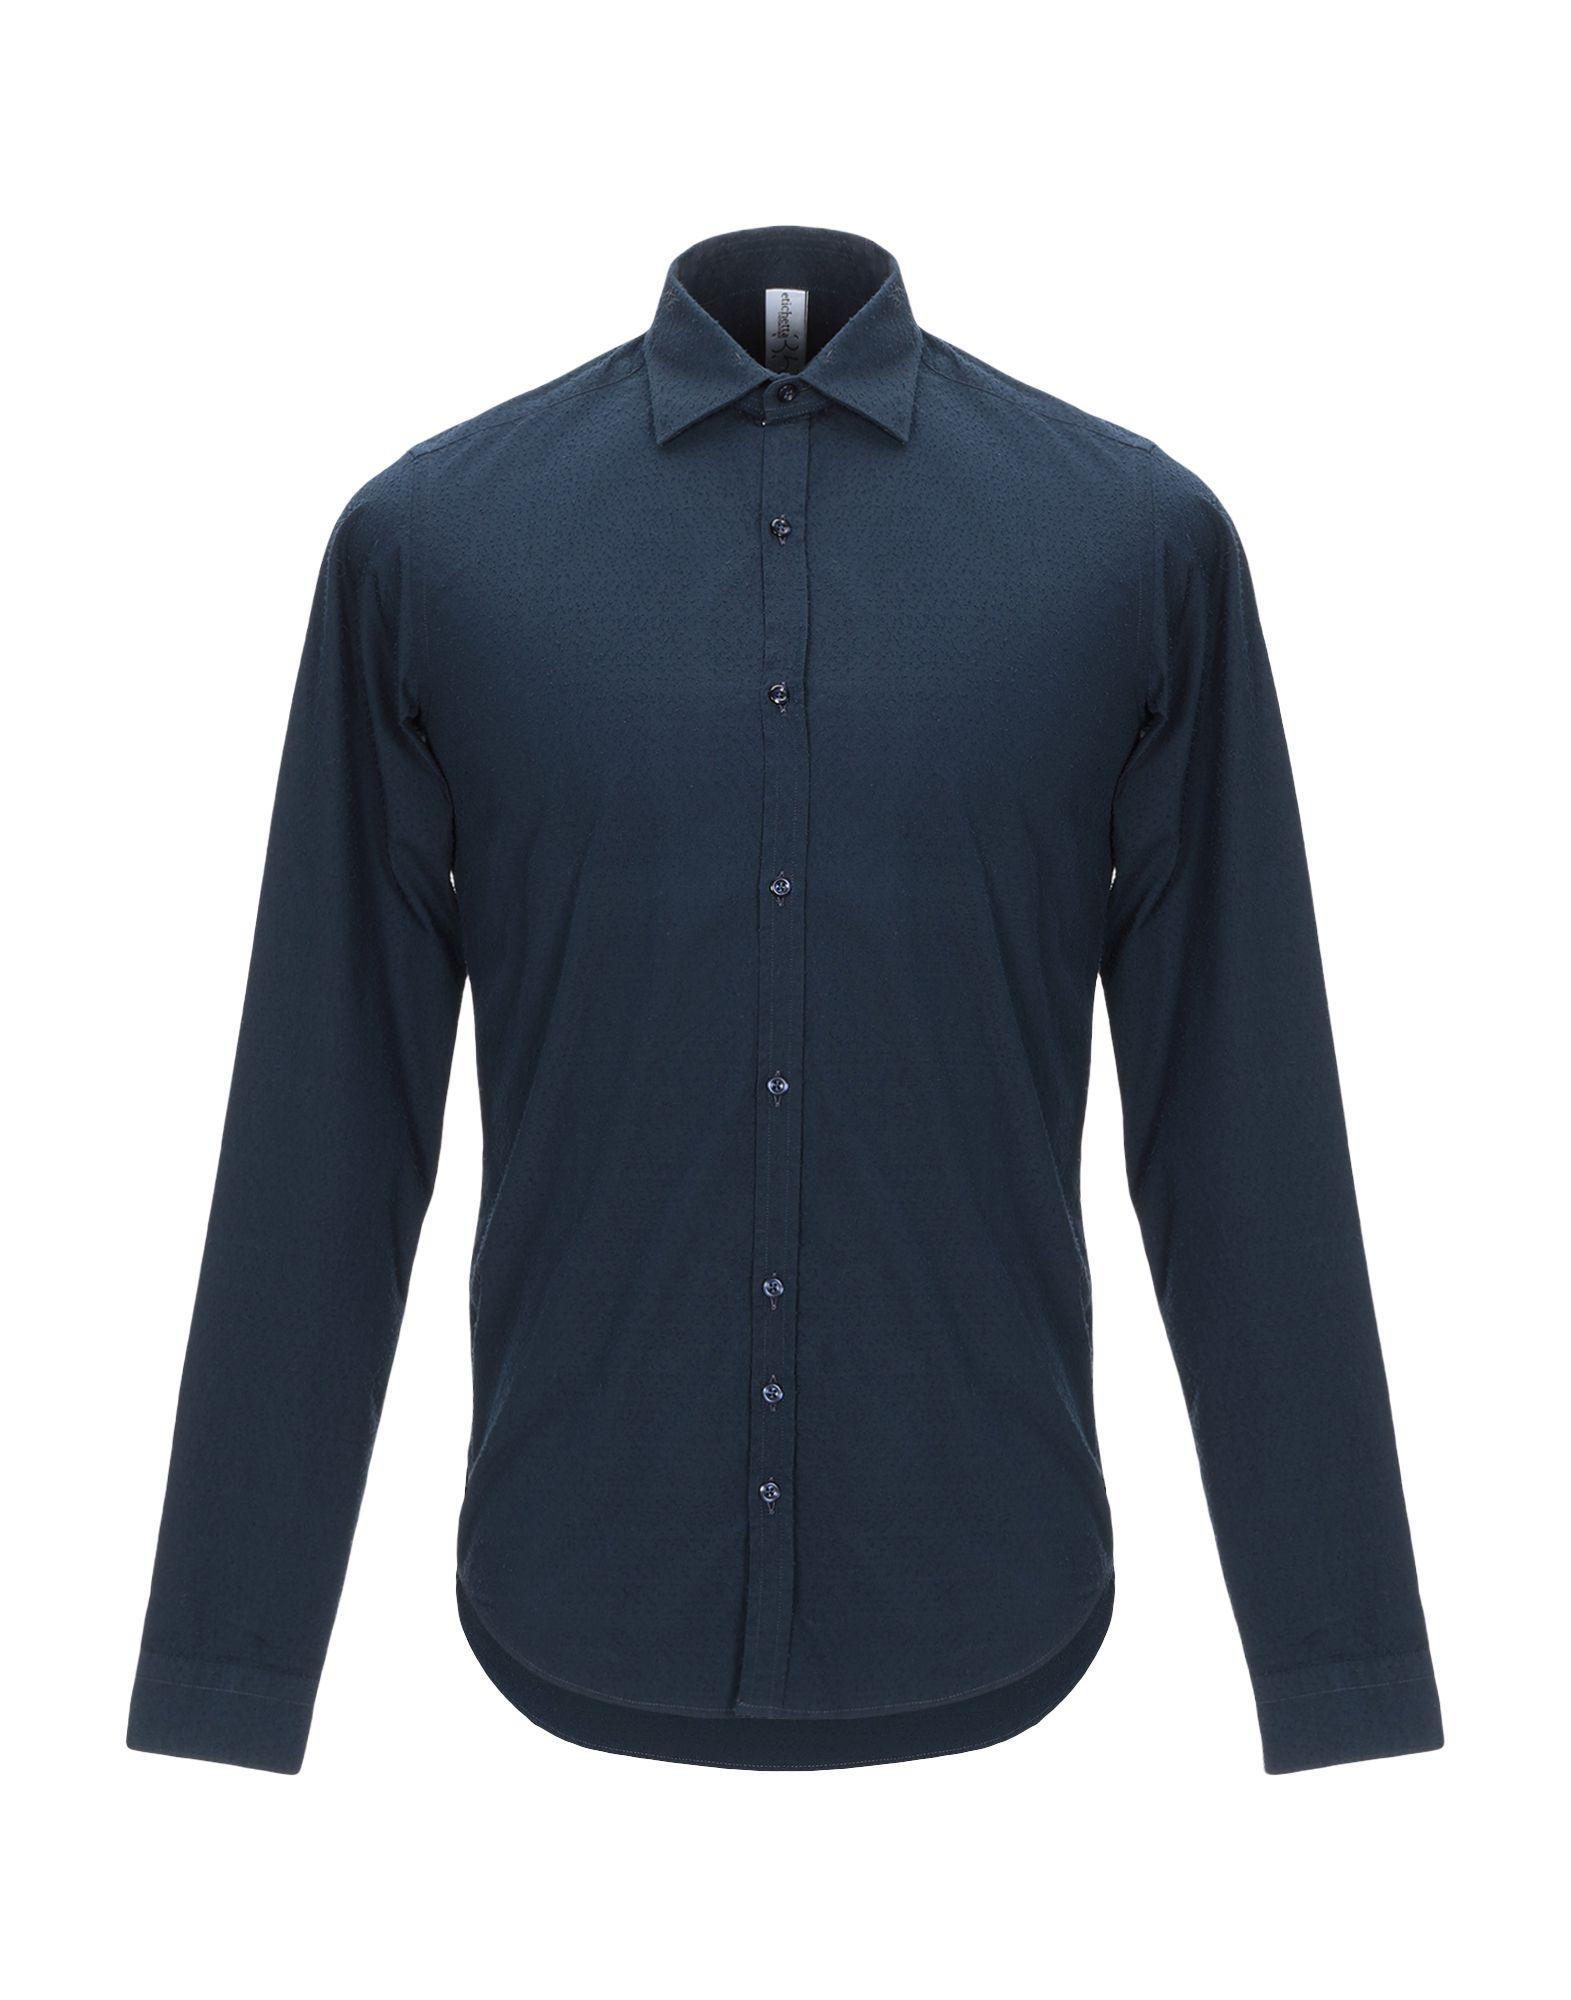 Camicia Tinta Unita Etichetta Etichetta 35 uomo - 38858258QX  Schau dir die billigsten an